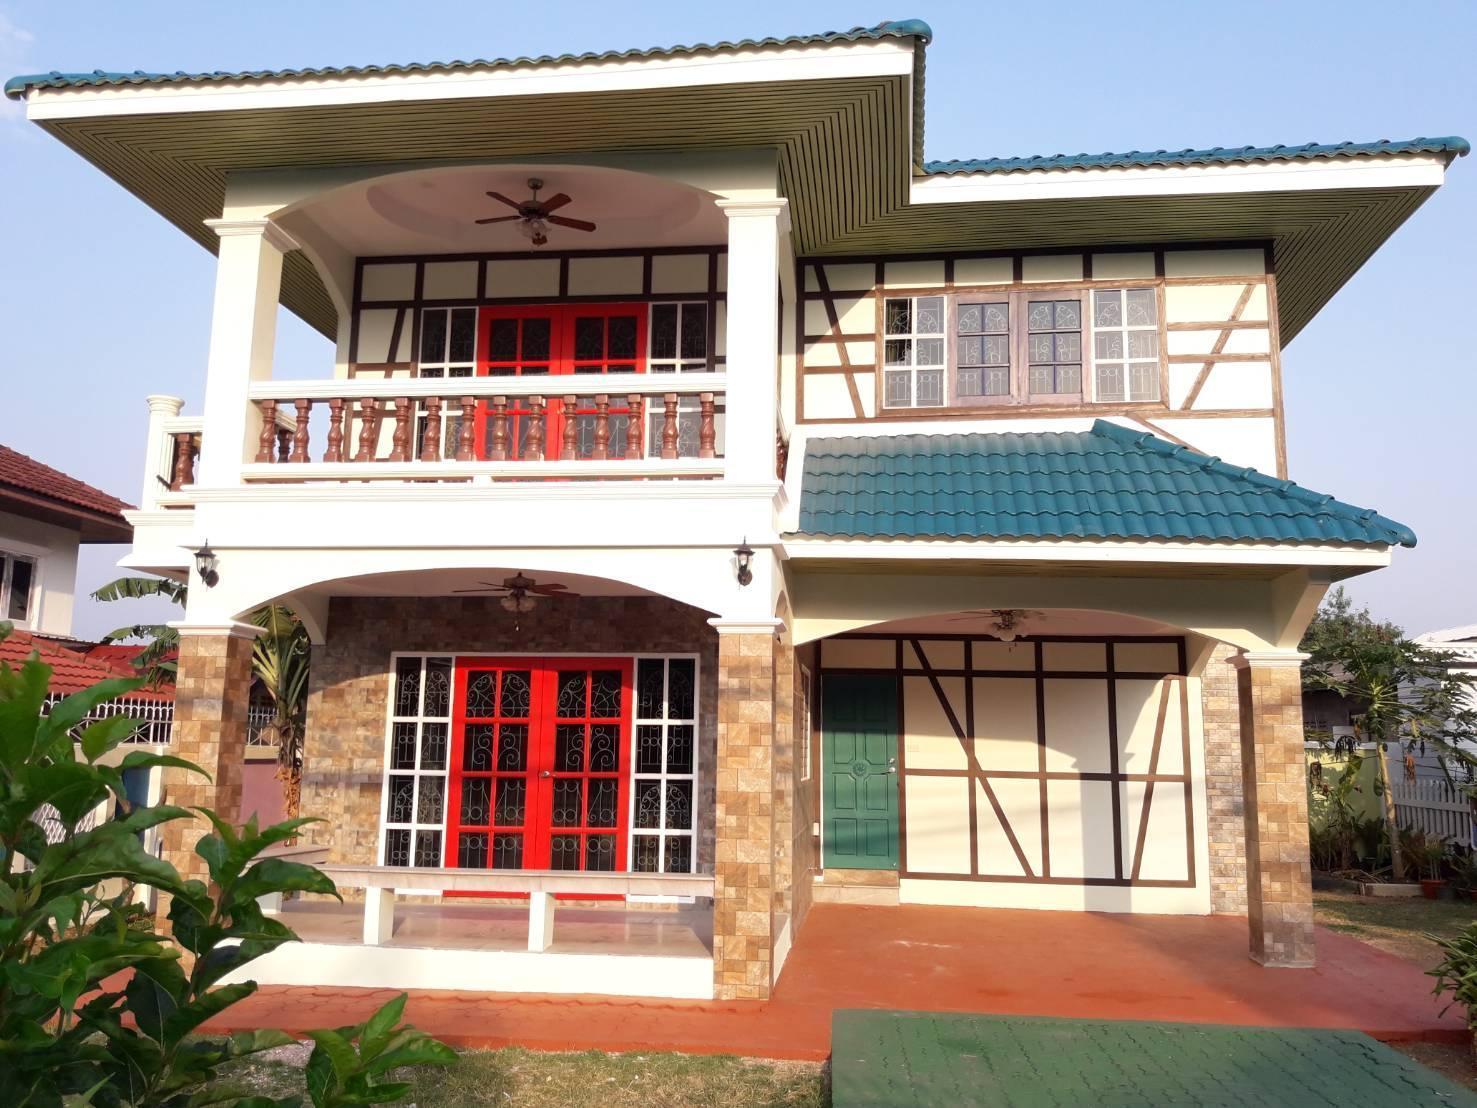 Single House Sattahip บ้านเดี่ยว 3 ห้องนอน 2 ห้องน้ำส่วนตัว ขนาด 200 ตร.ม. – ชายหาดสัตหีบ